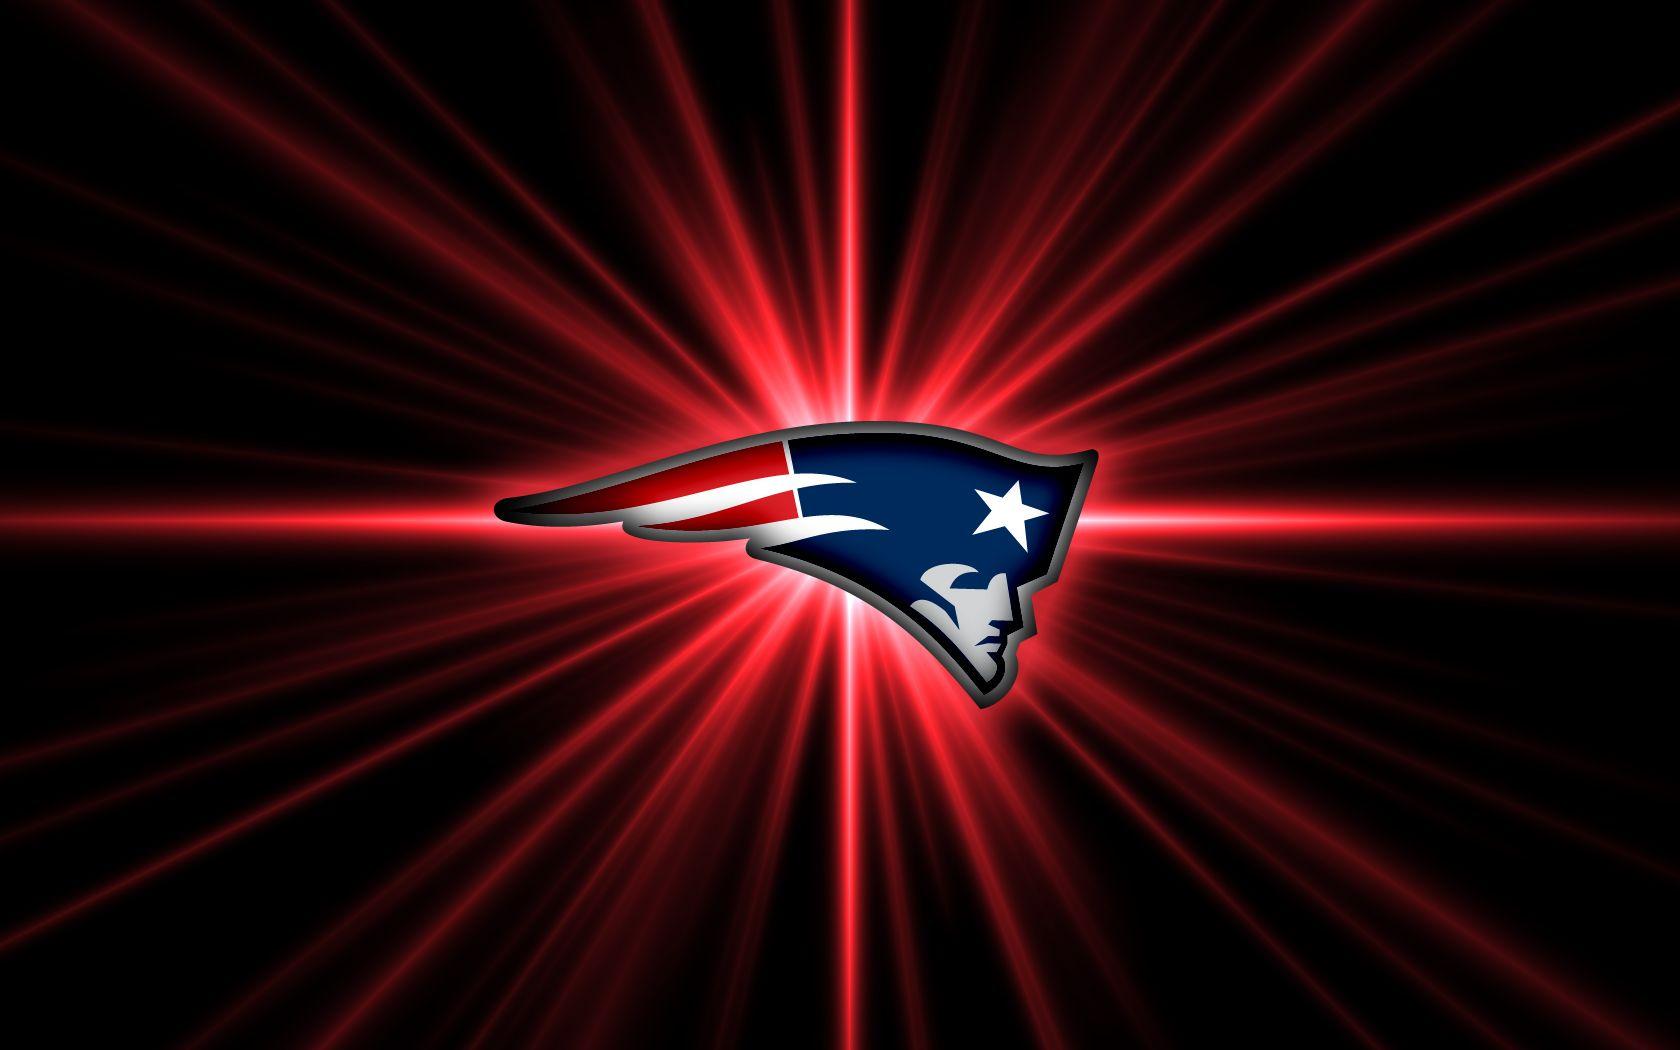 New England Patriots Wallpaper Go Pats New England Patriots Logo New England Patriots Wallpaper New England Patriots